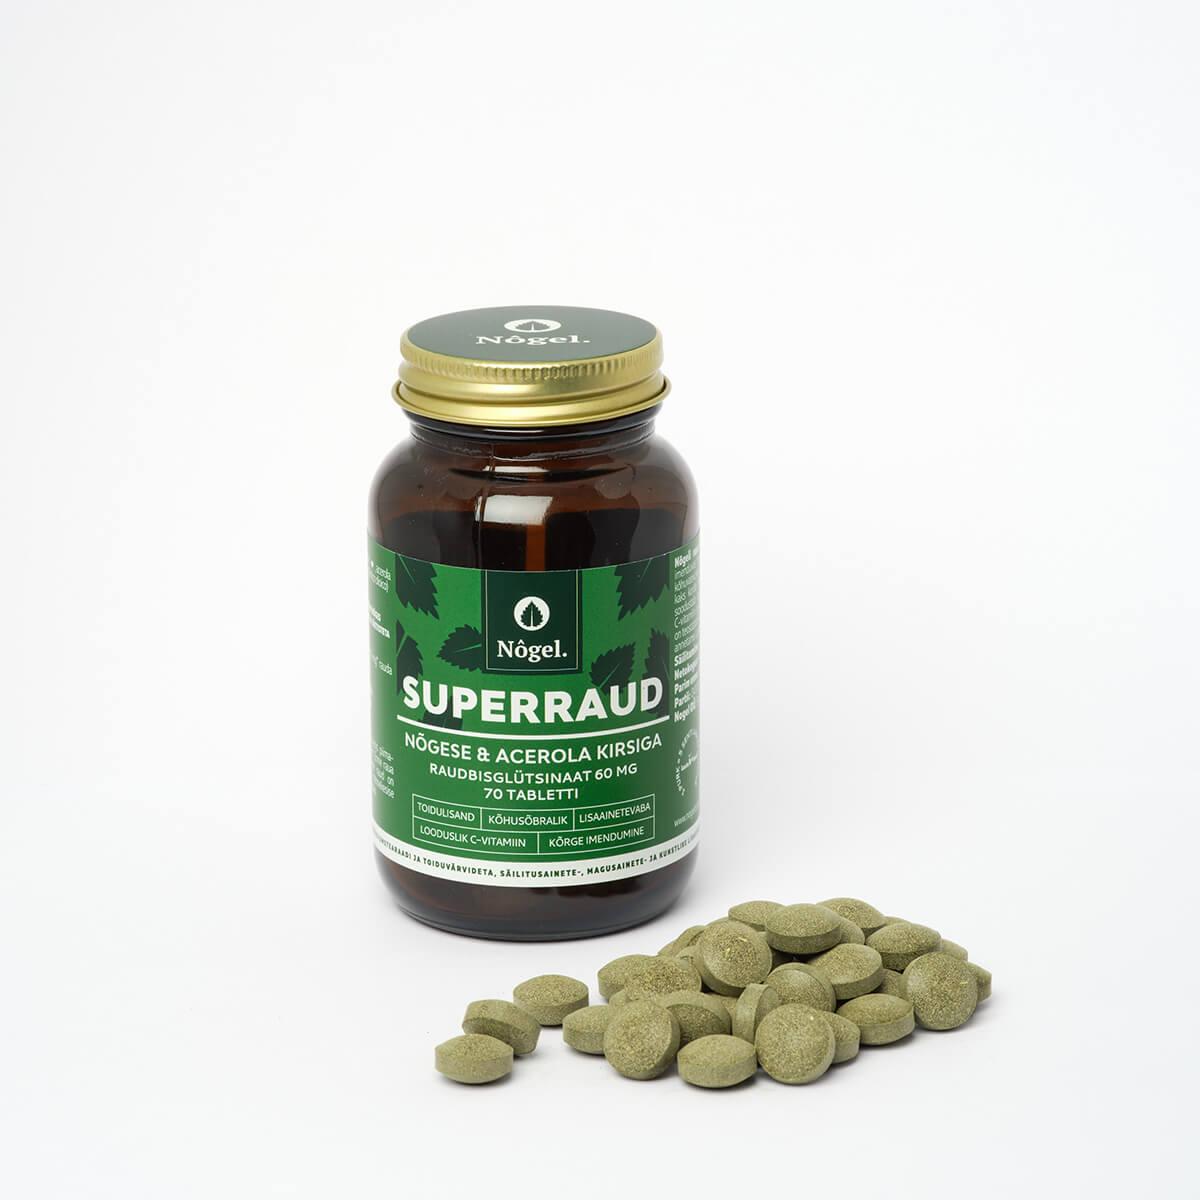 Nõgel Superraud nõgese ja acerola kirsiga, 70 tabletti (2723)